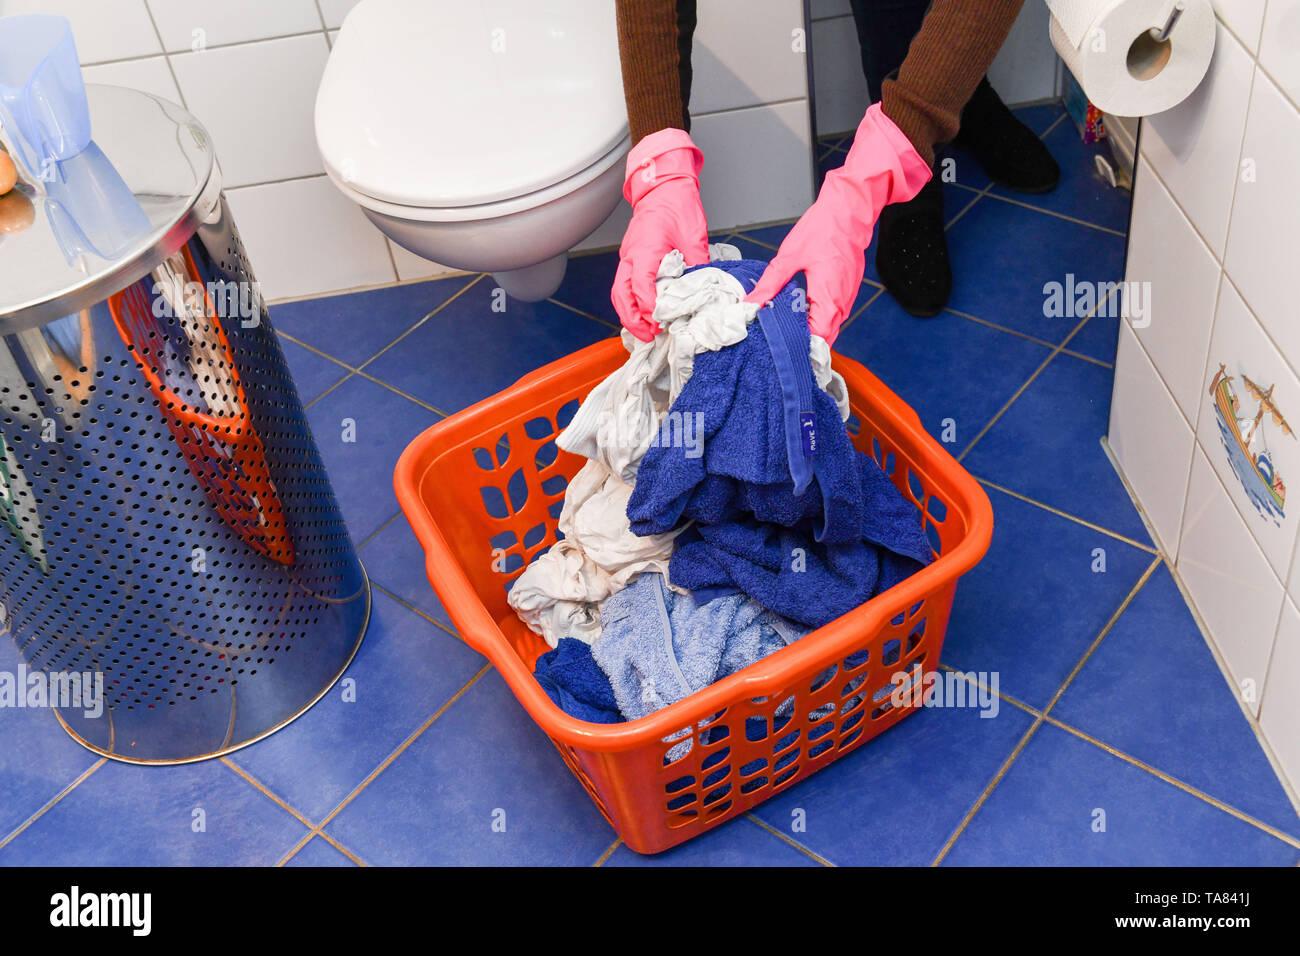 Laundry, laundry basket, Wäsche, Wäschekorb Stock Photo